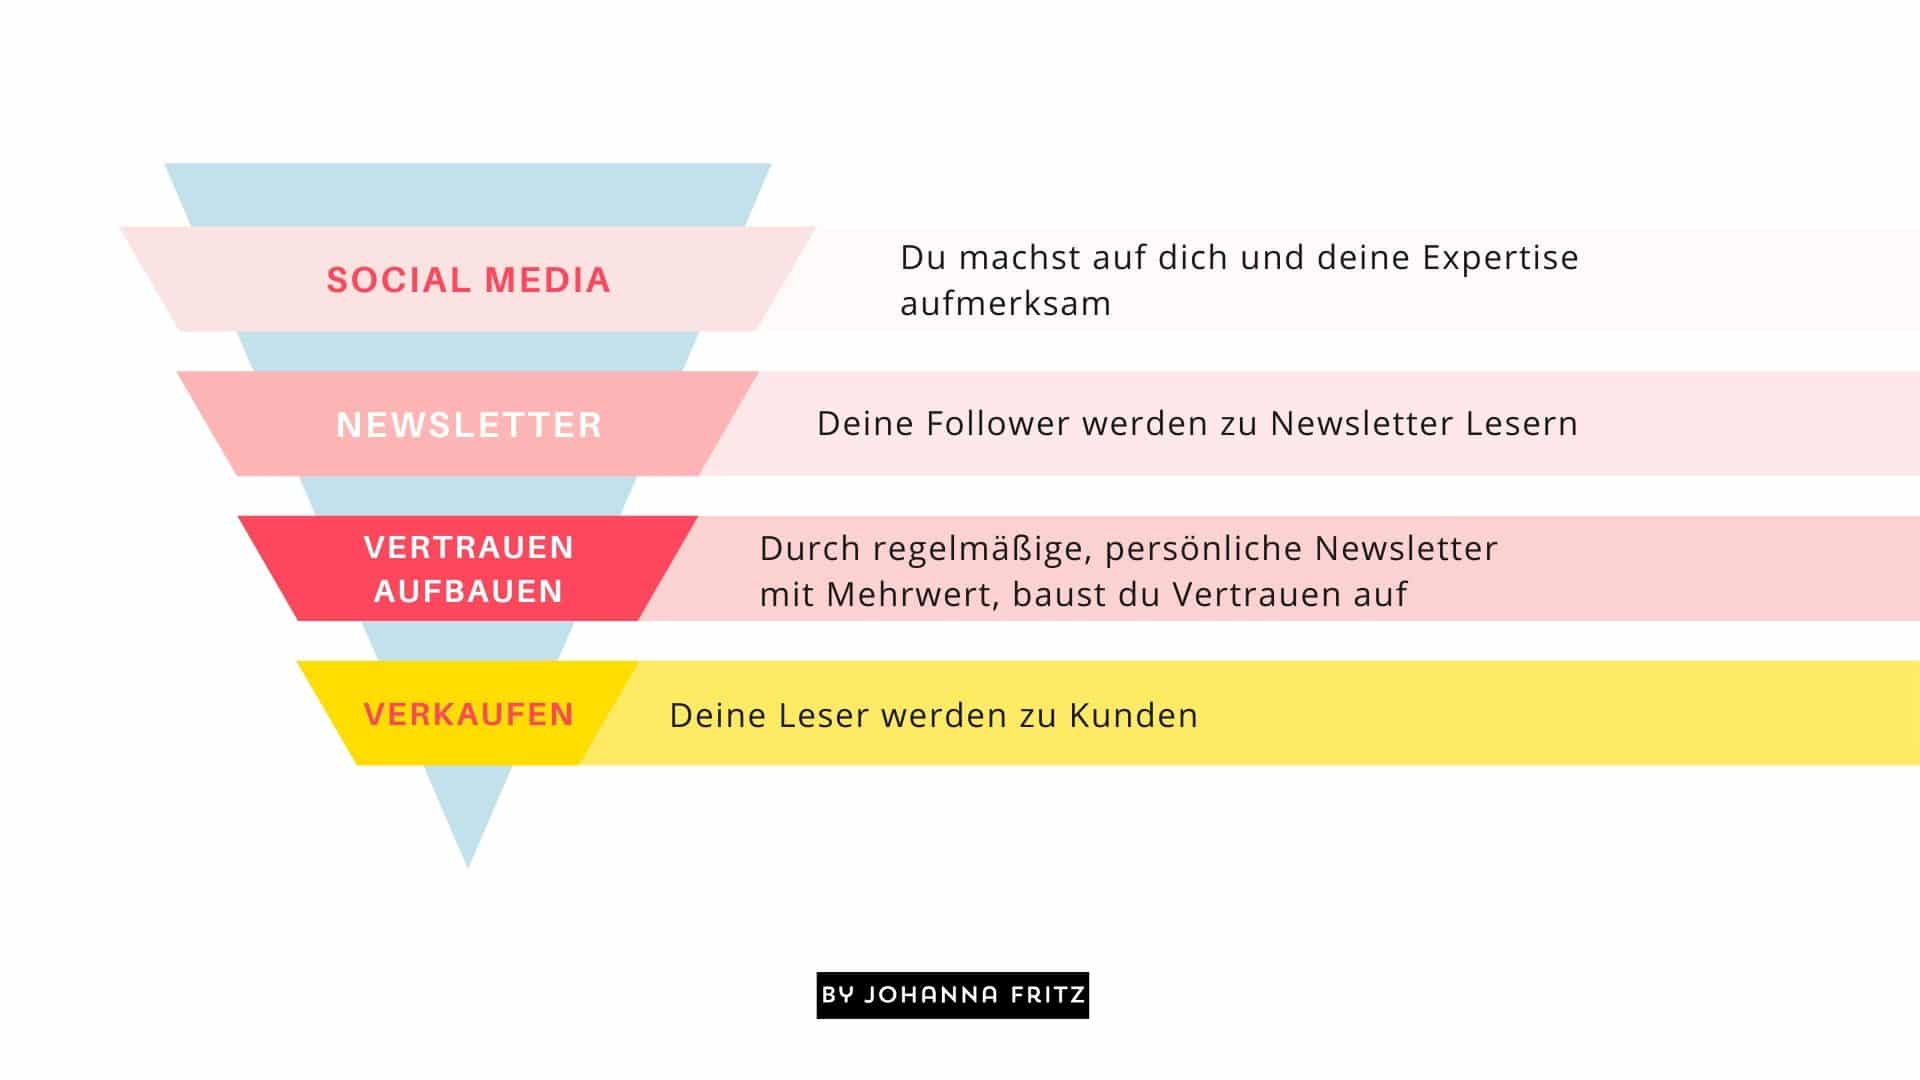 So sieht die Reise deiner Kunden aus - Customerjourney - Online Business - Vom Follower zum zahlenden Kunden - Johanna Fritz